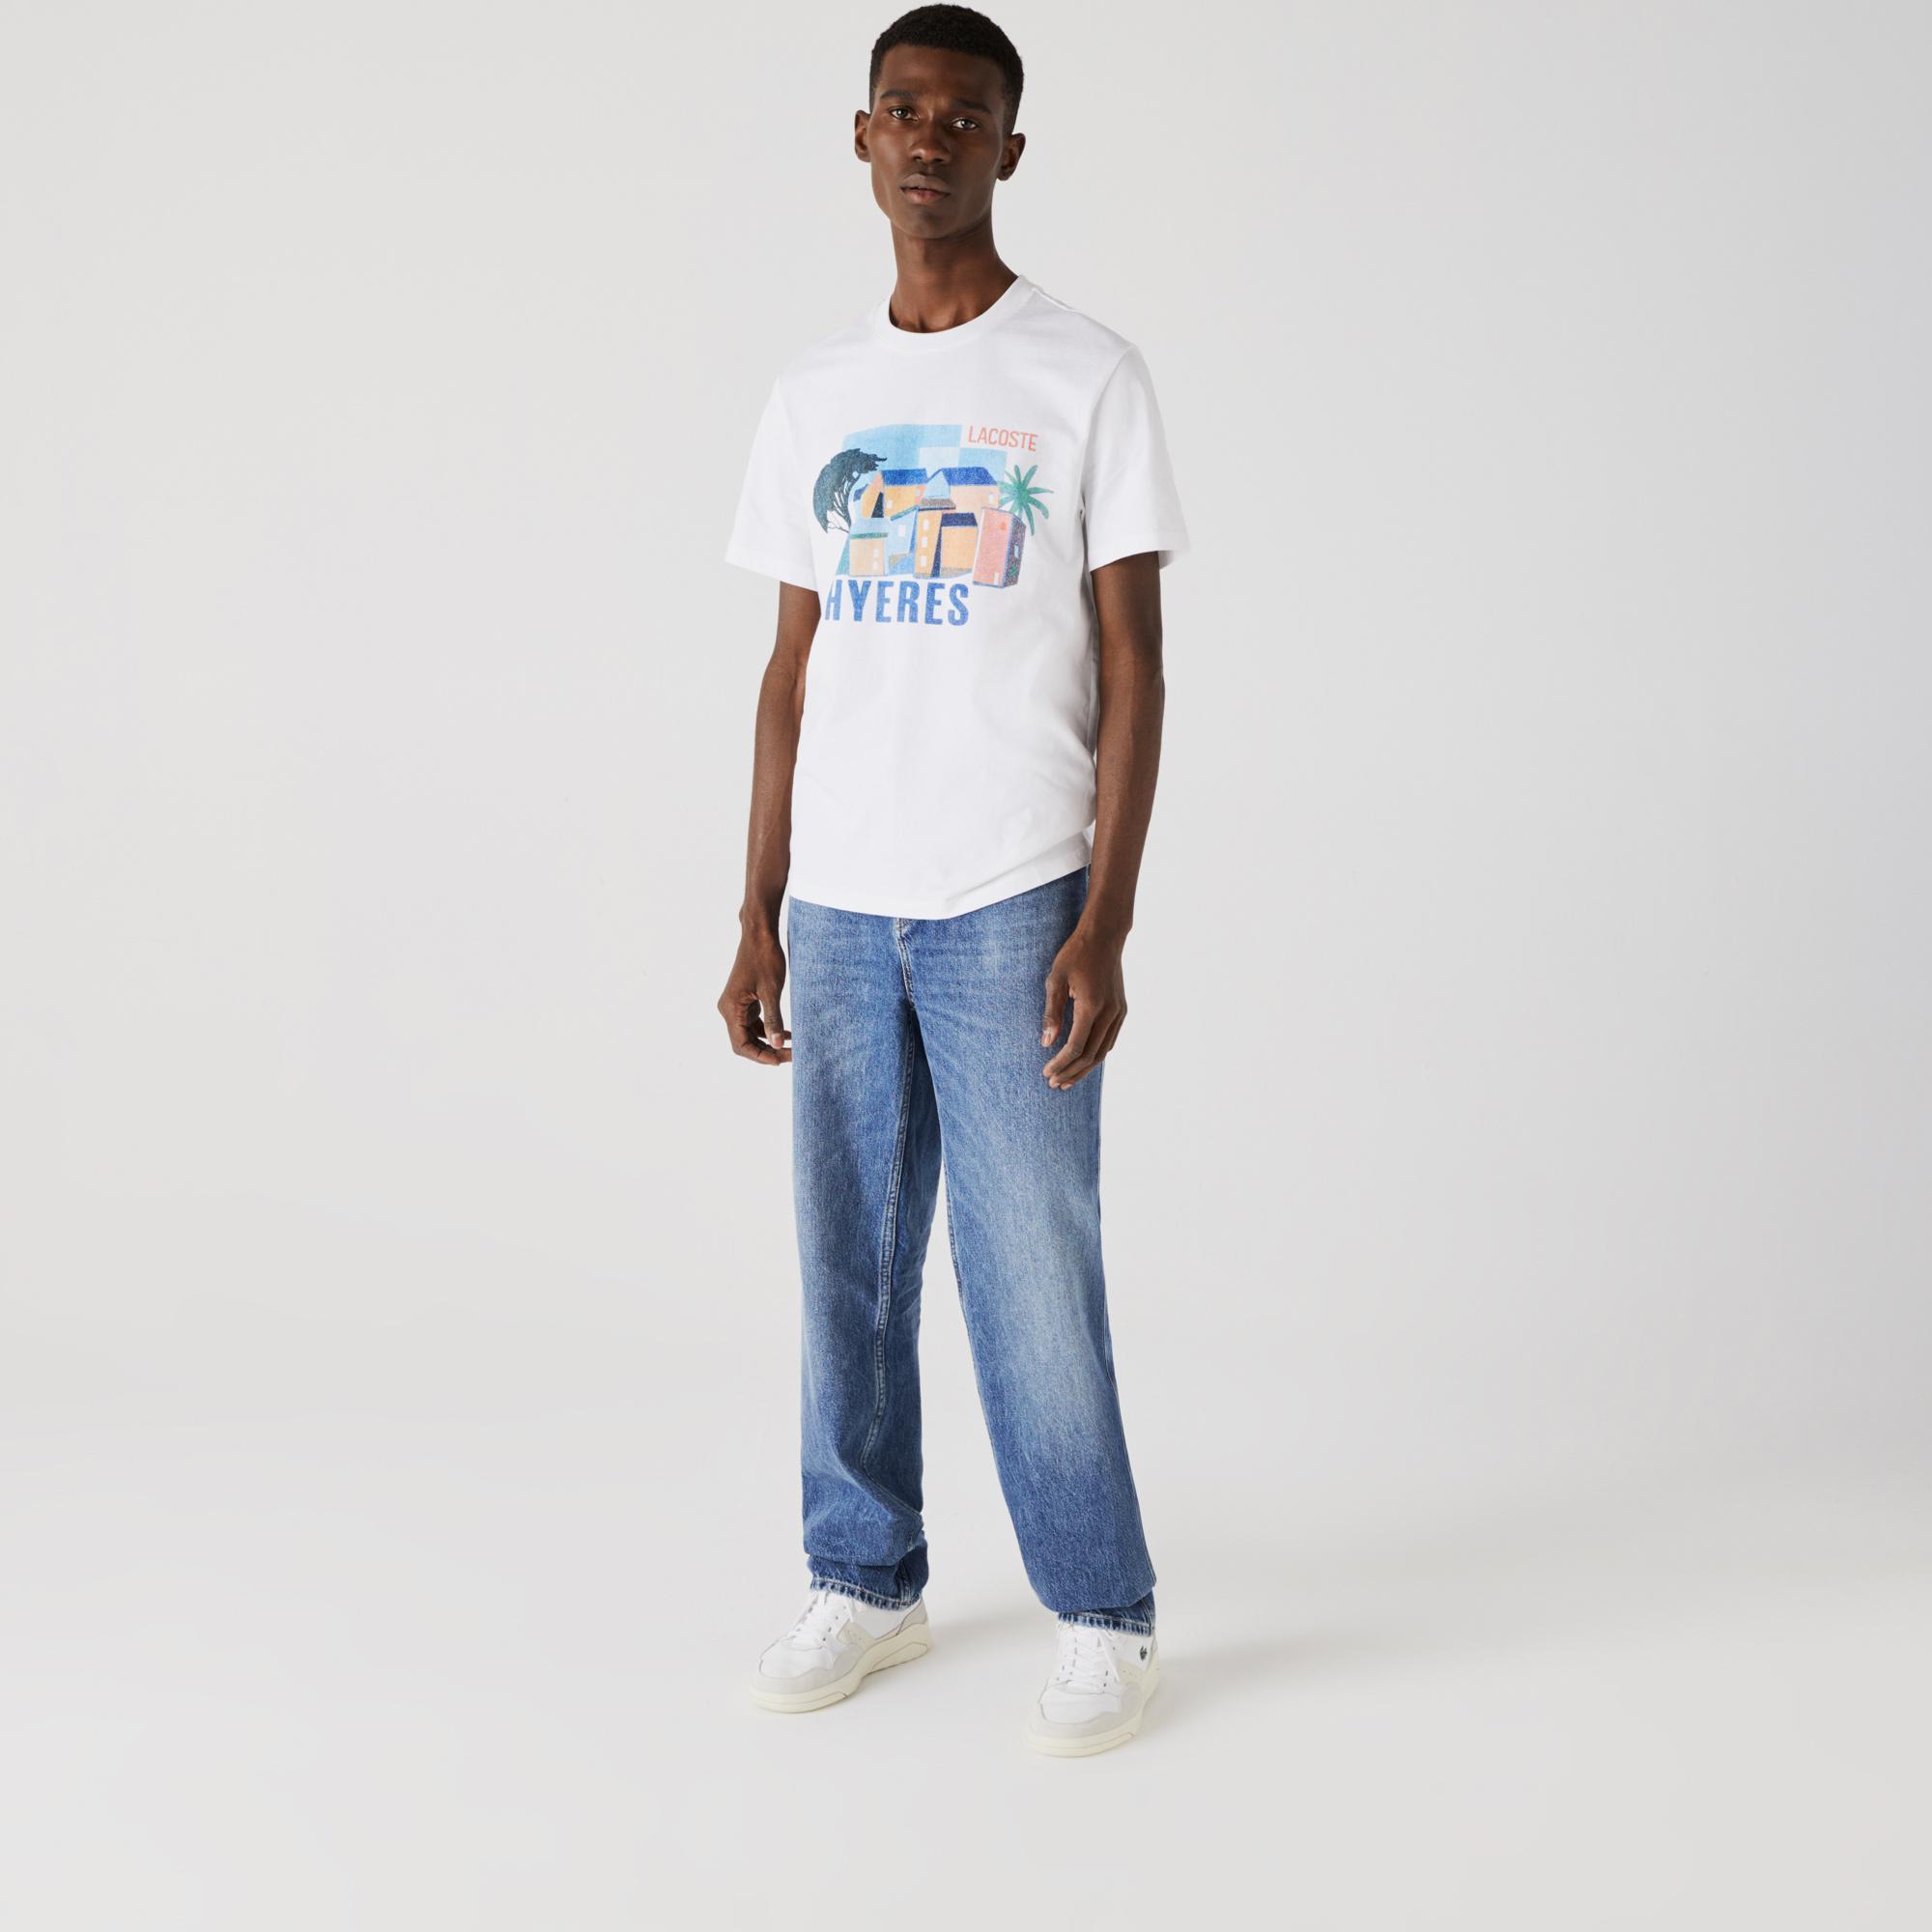 Lacoste Men's Crew Neck Landscape Print Cotton T-shirt